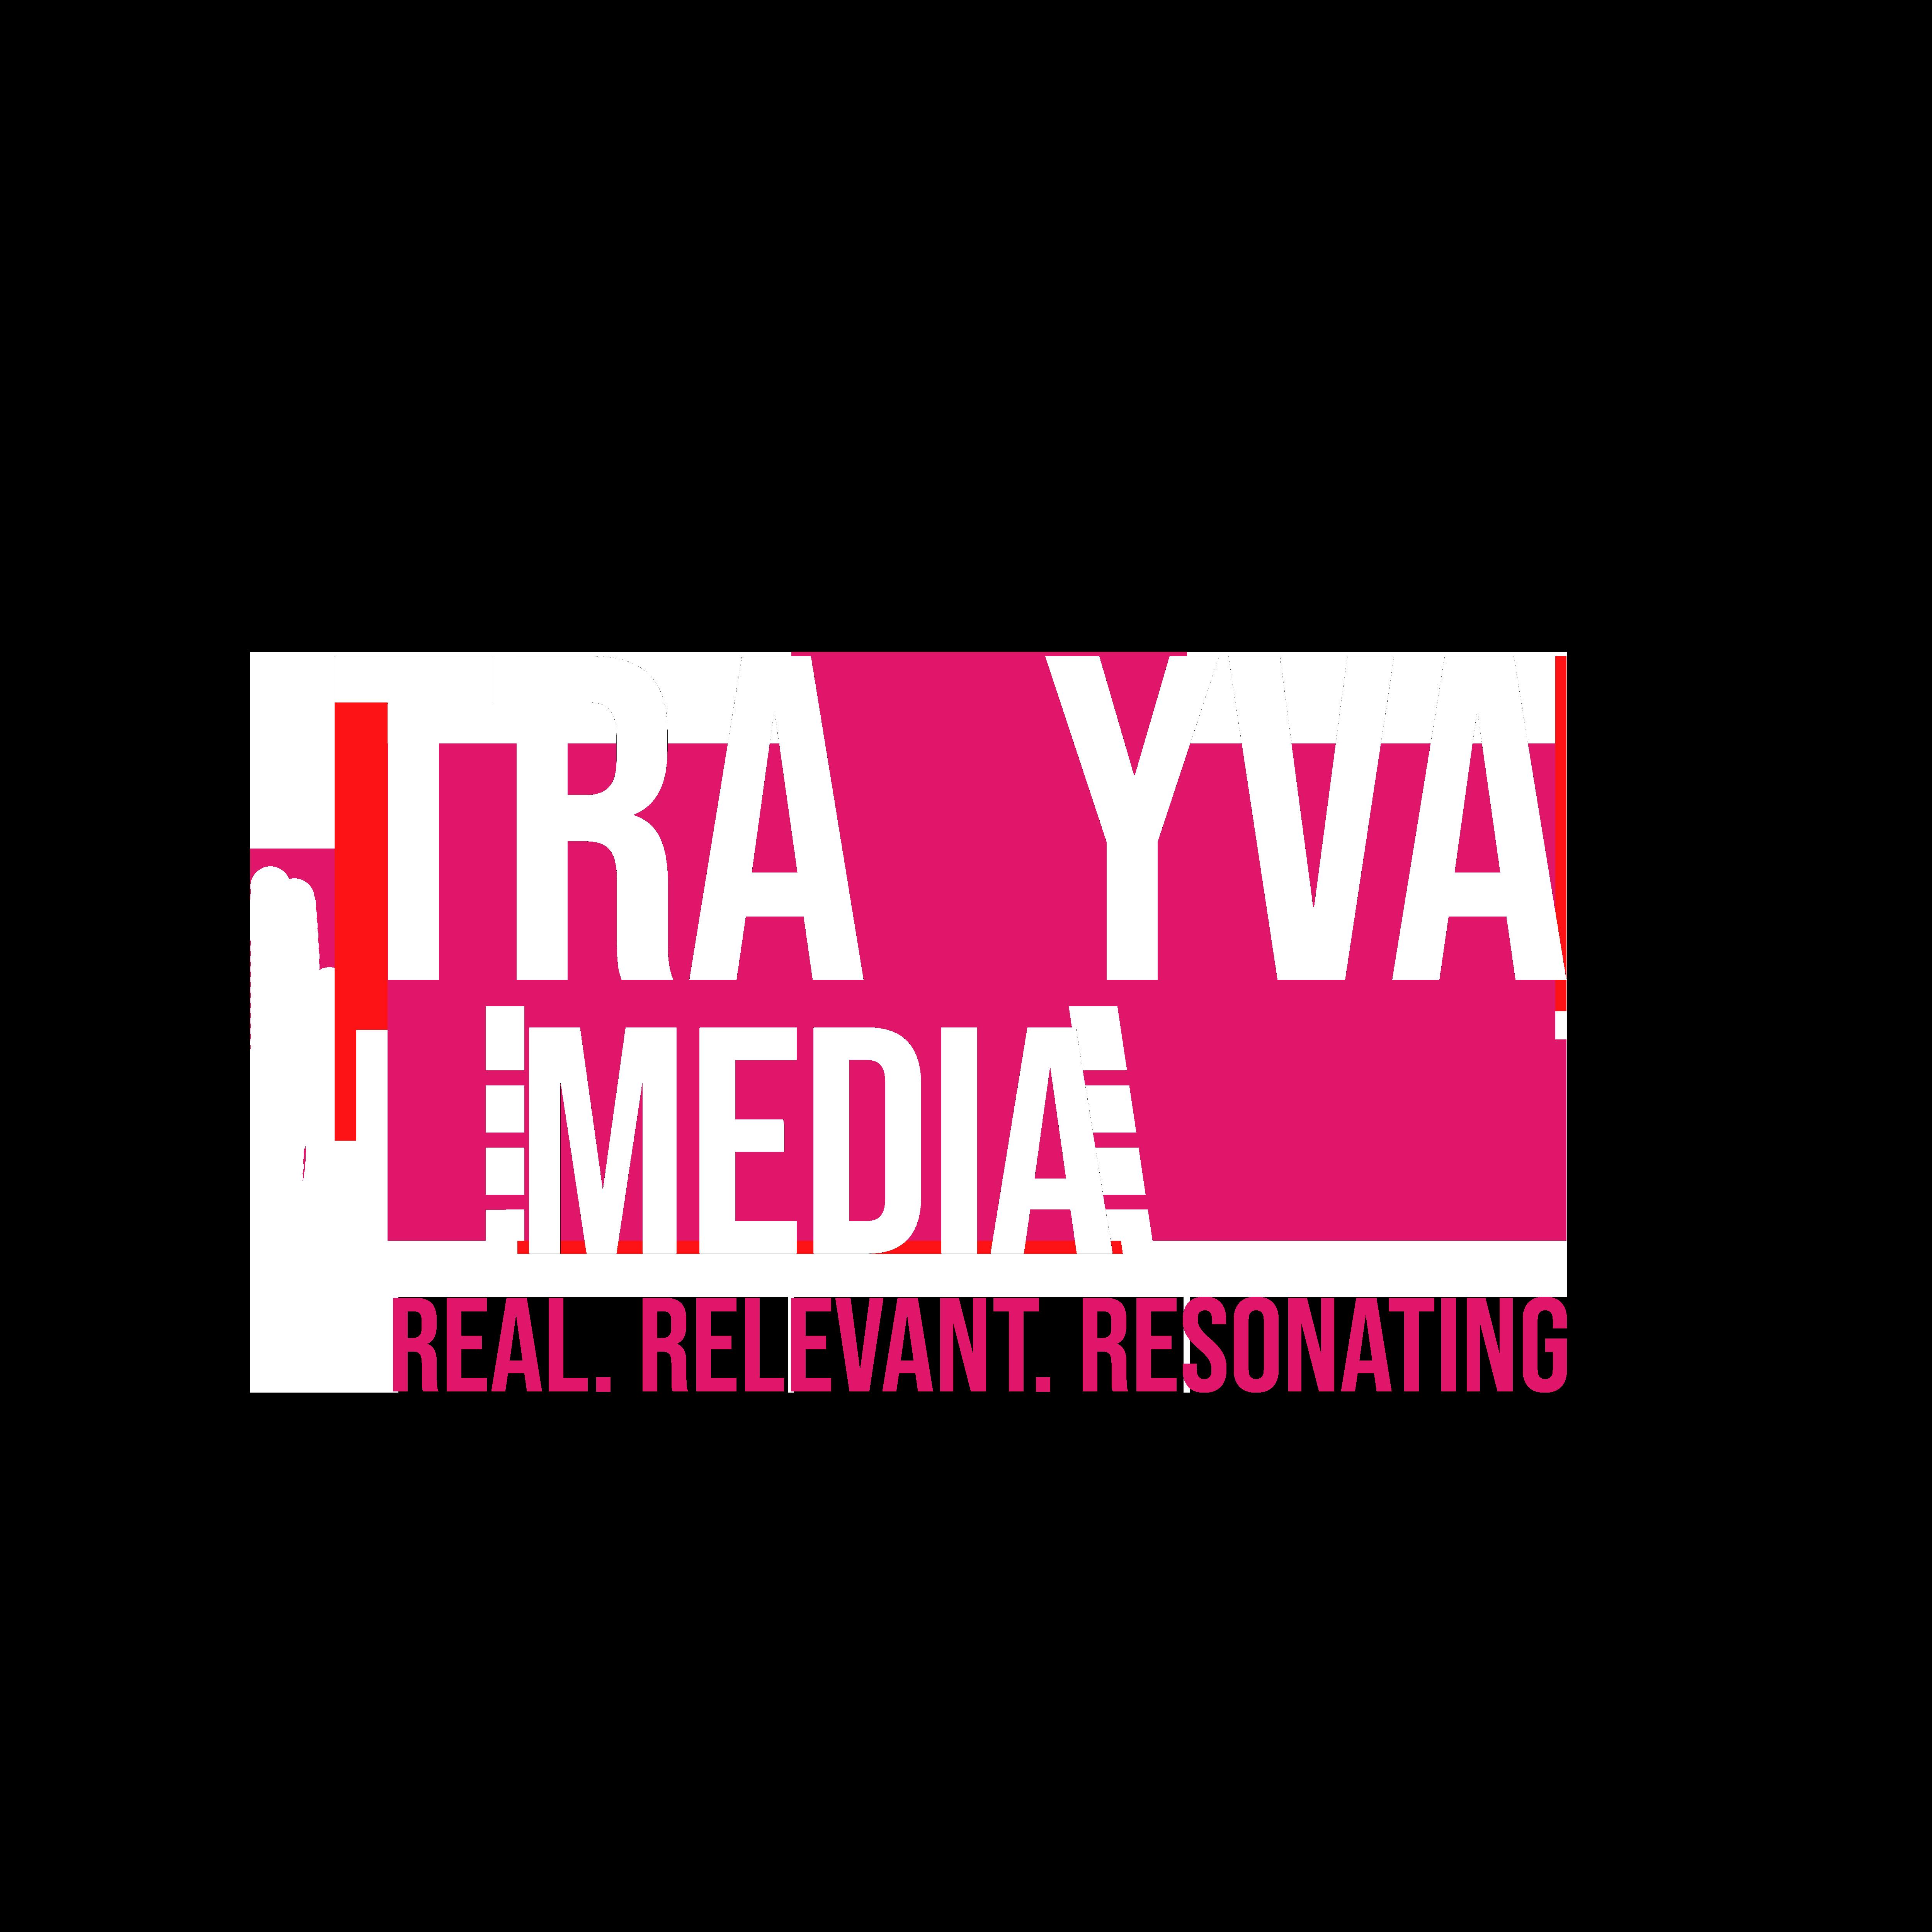 TracyVA Media